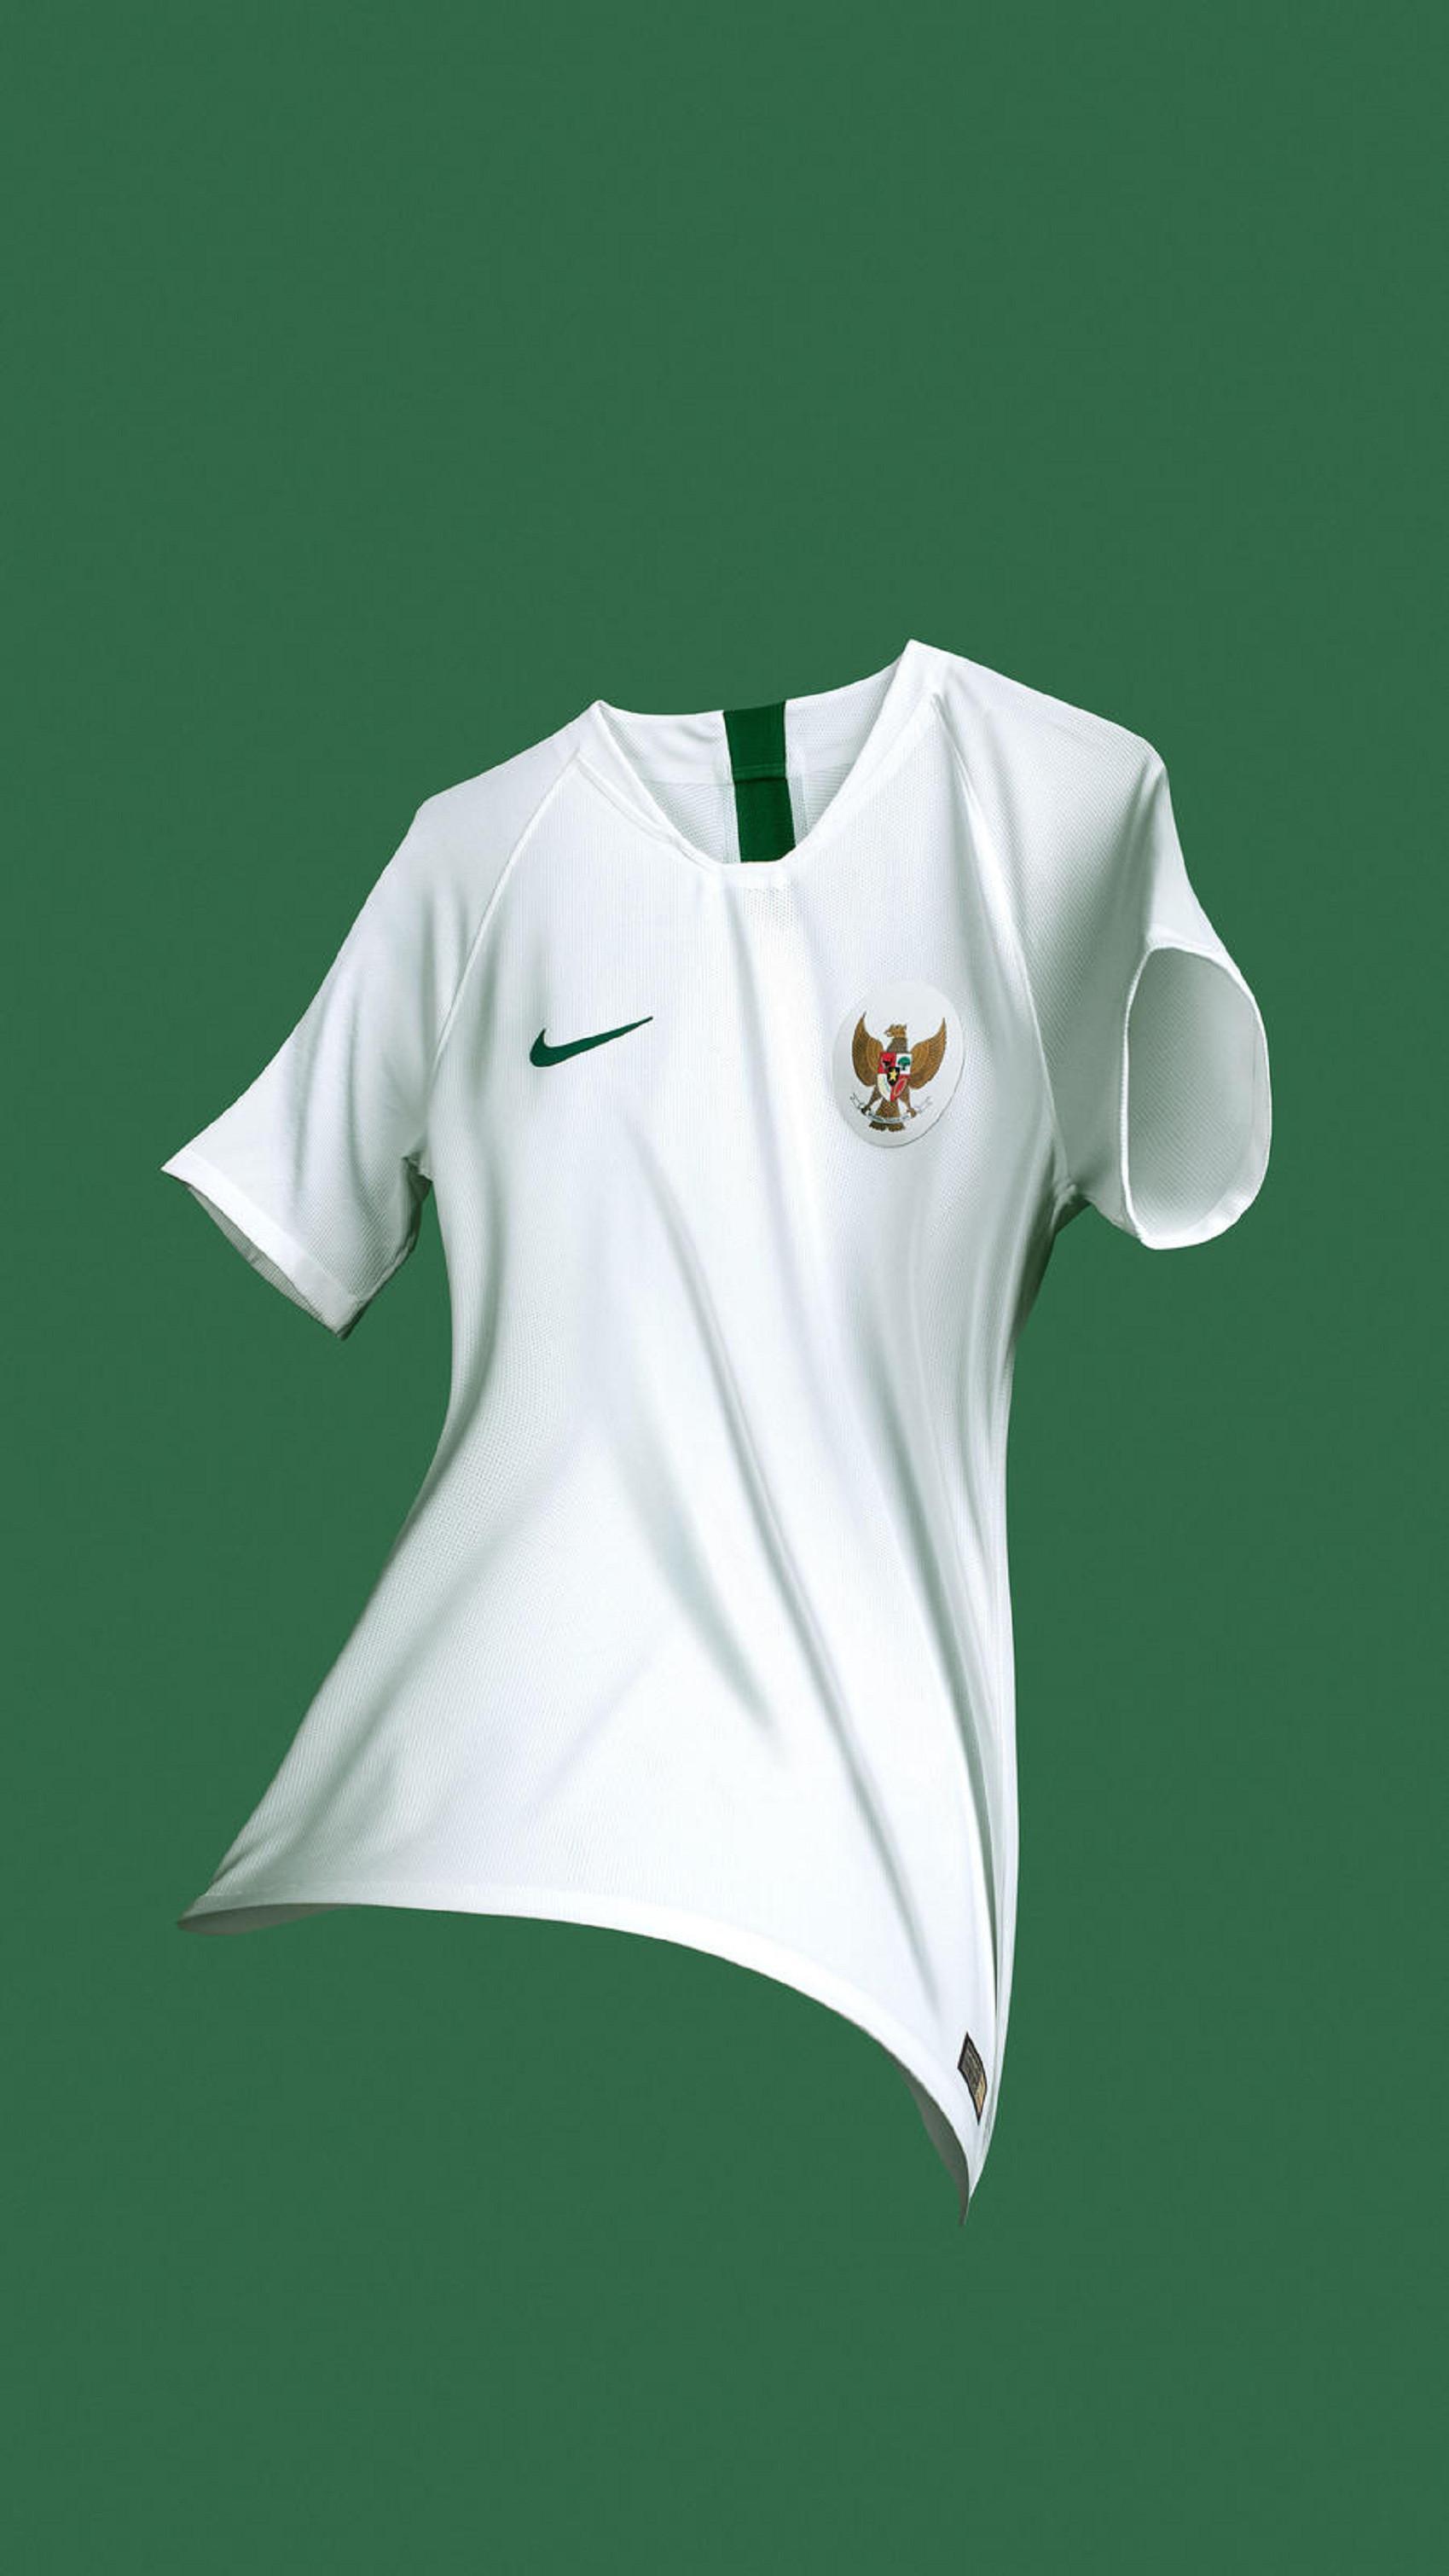 Nike (Ist)